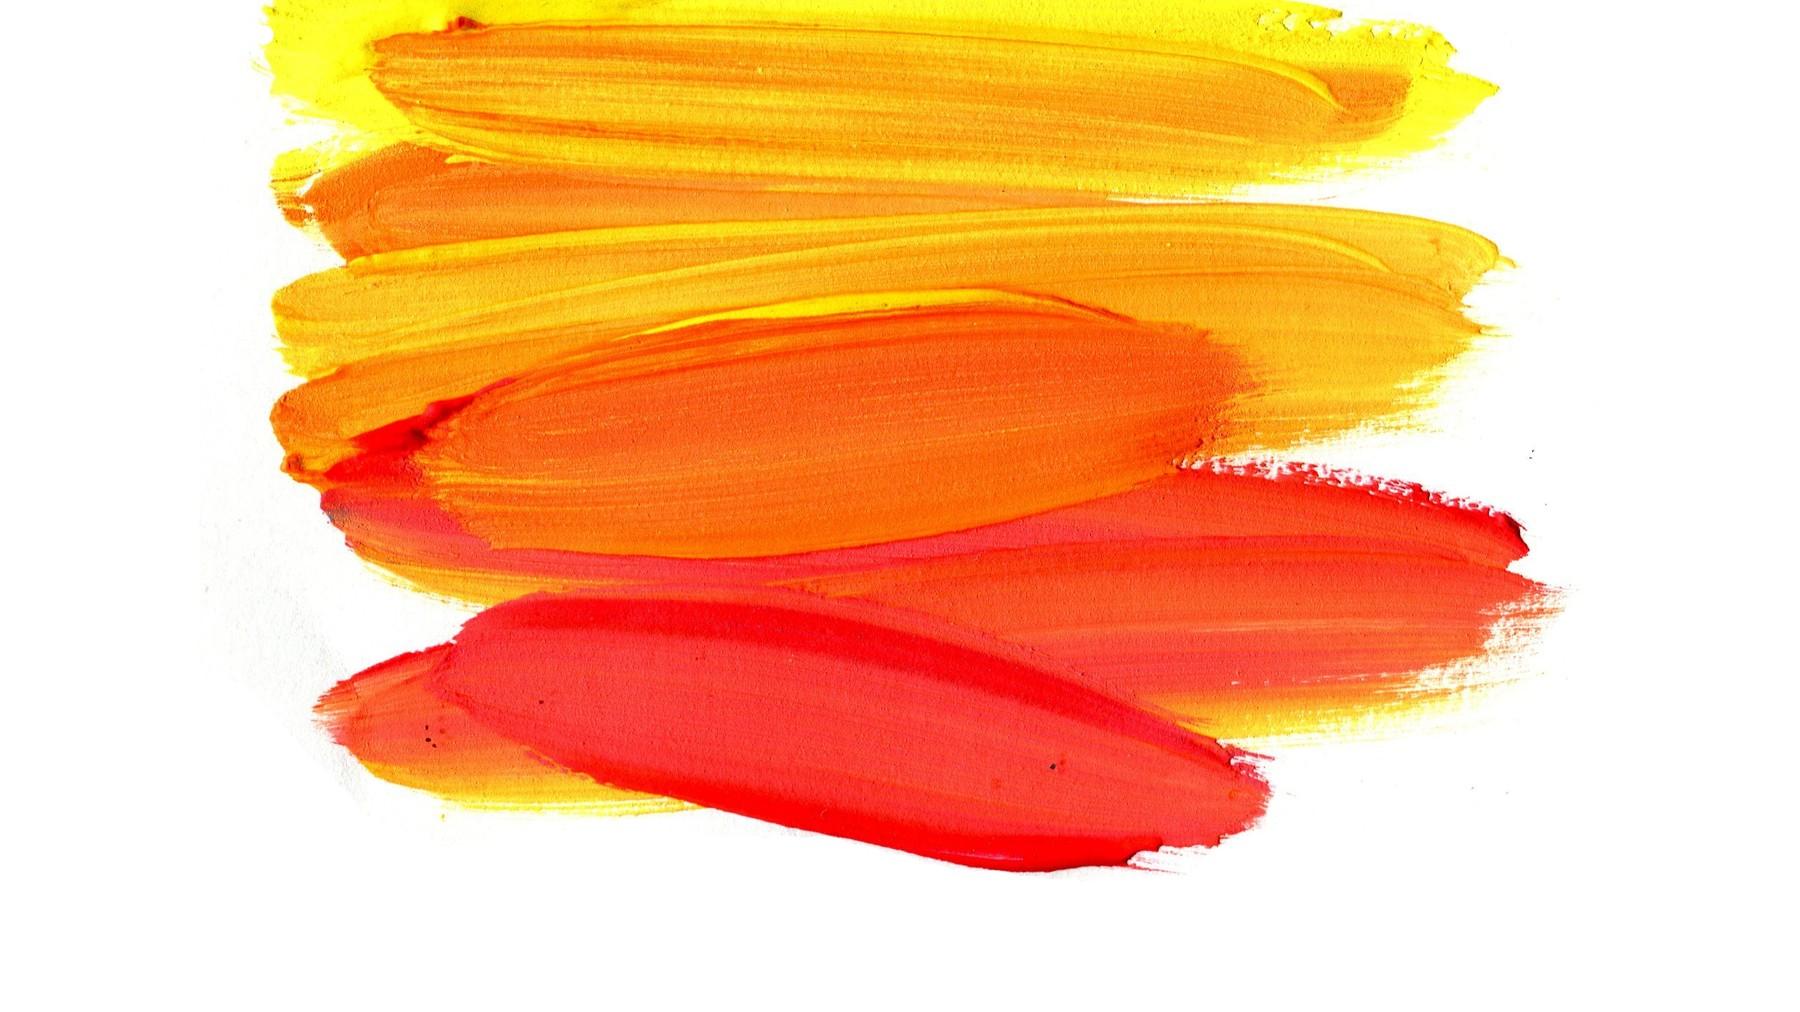 Pinceladas de pinturas de colores